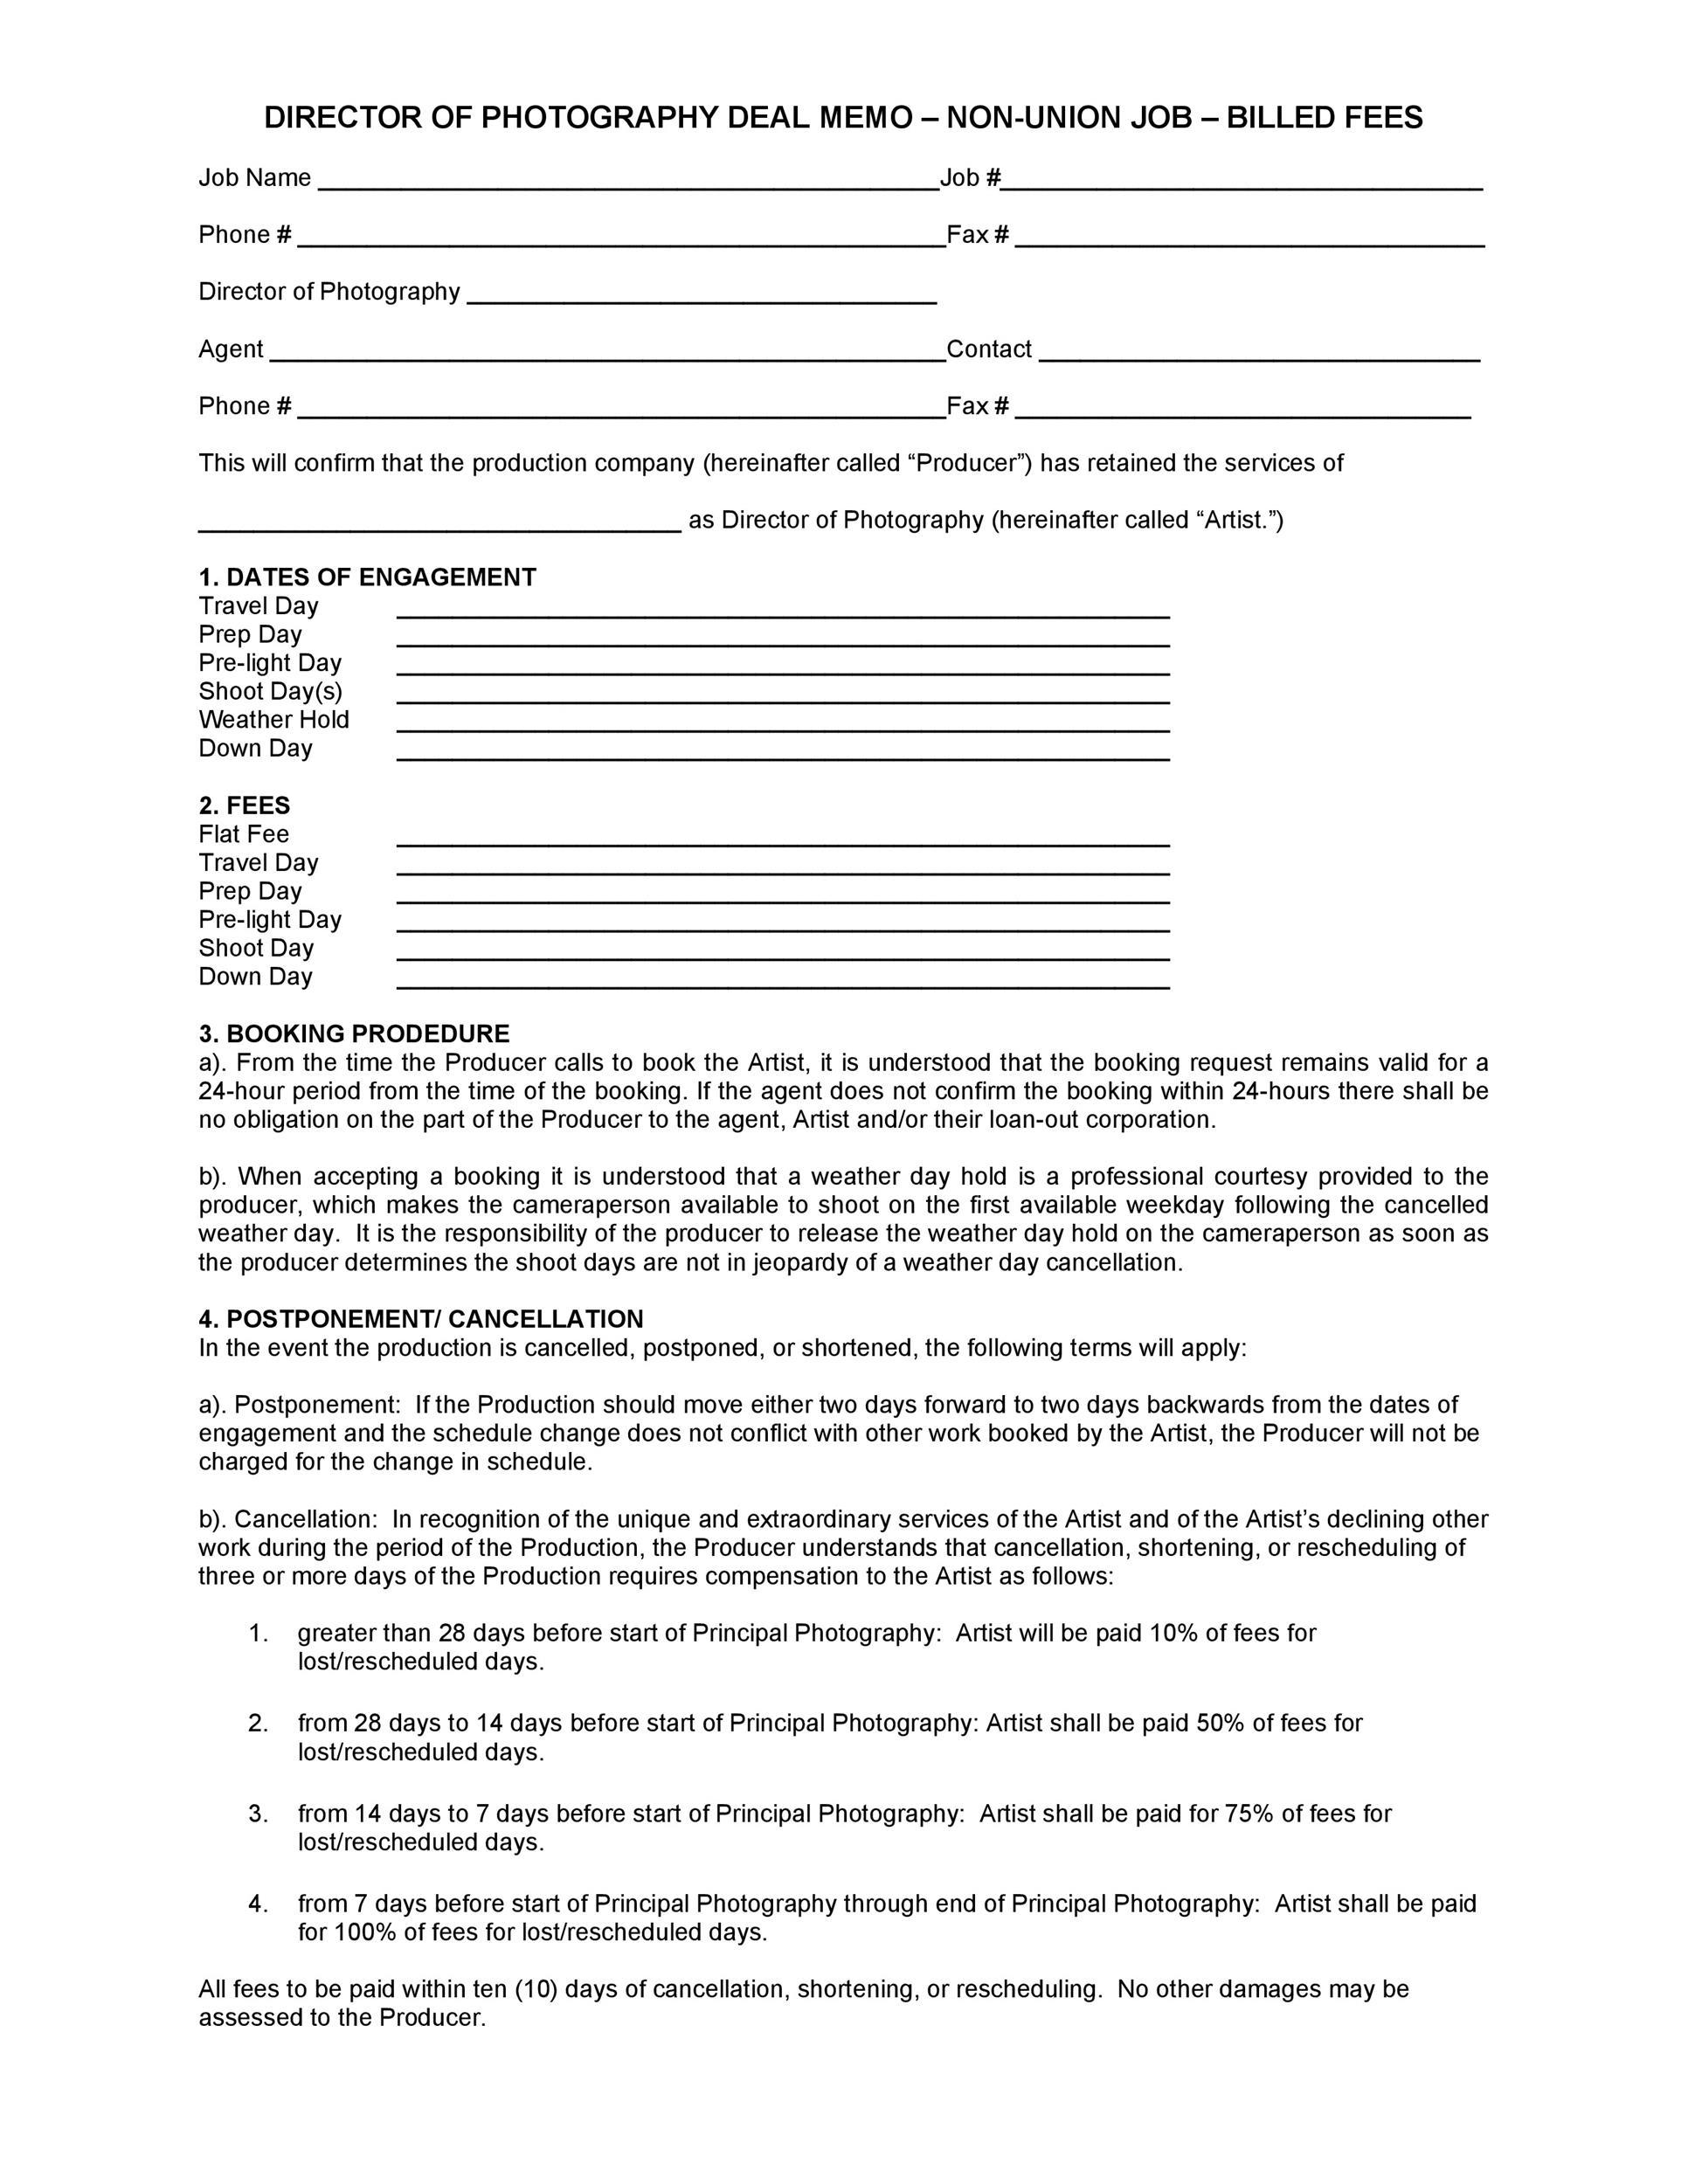 Free deal memo template 37